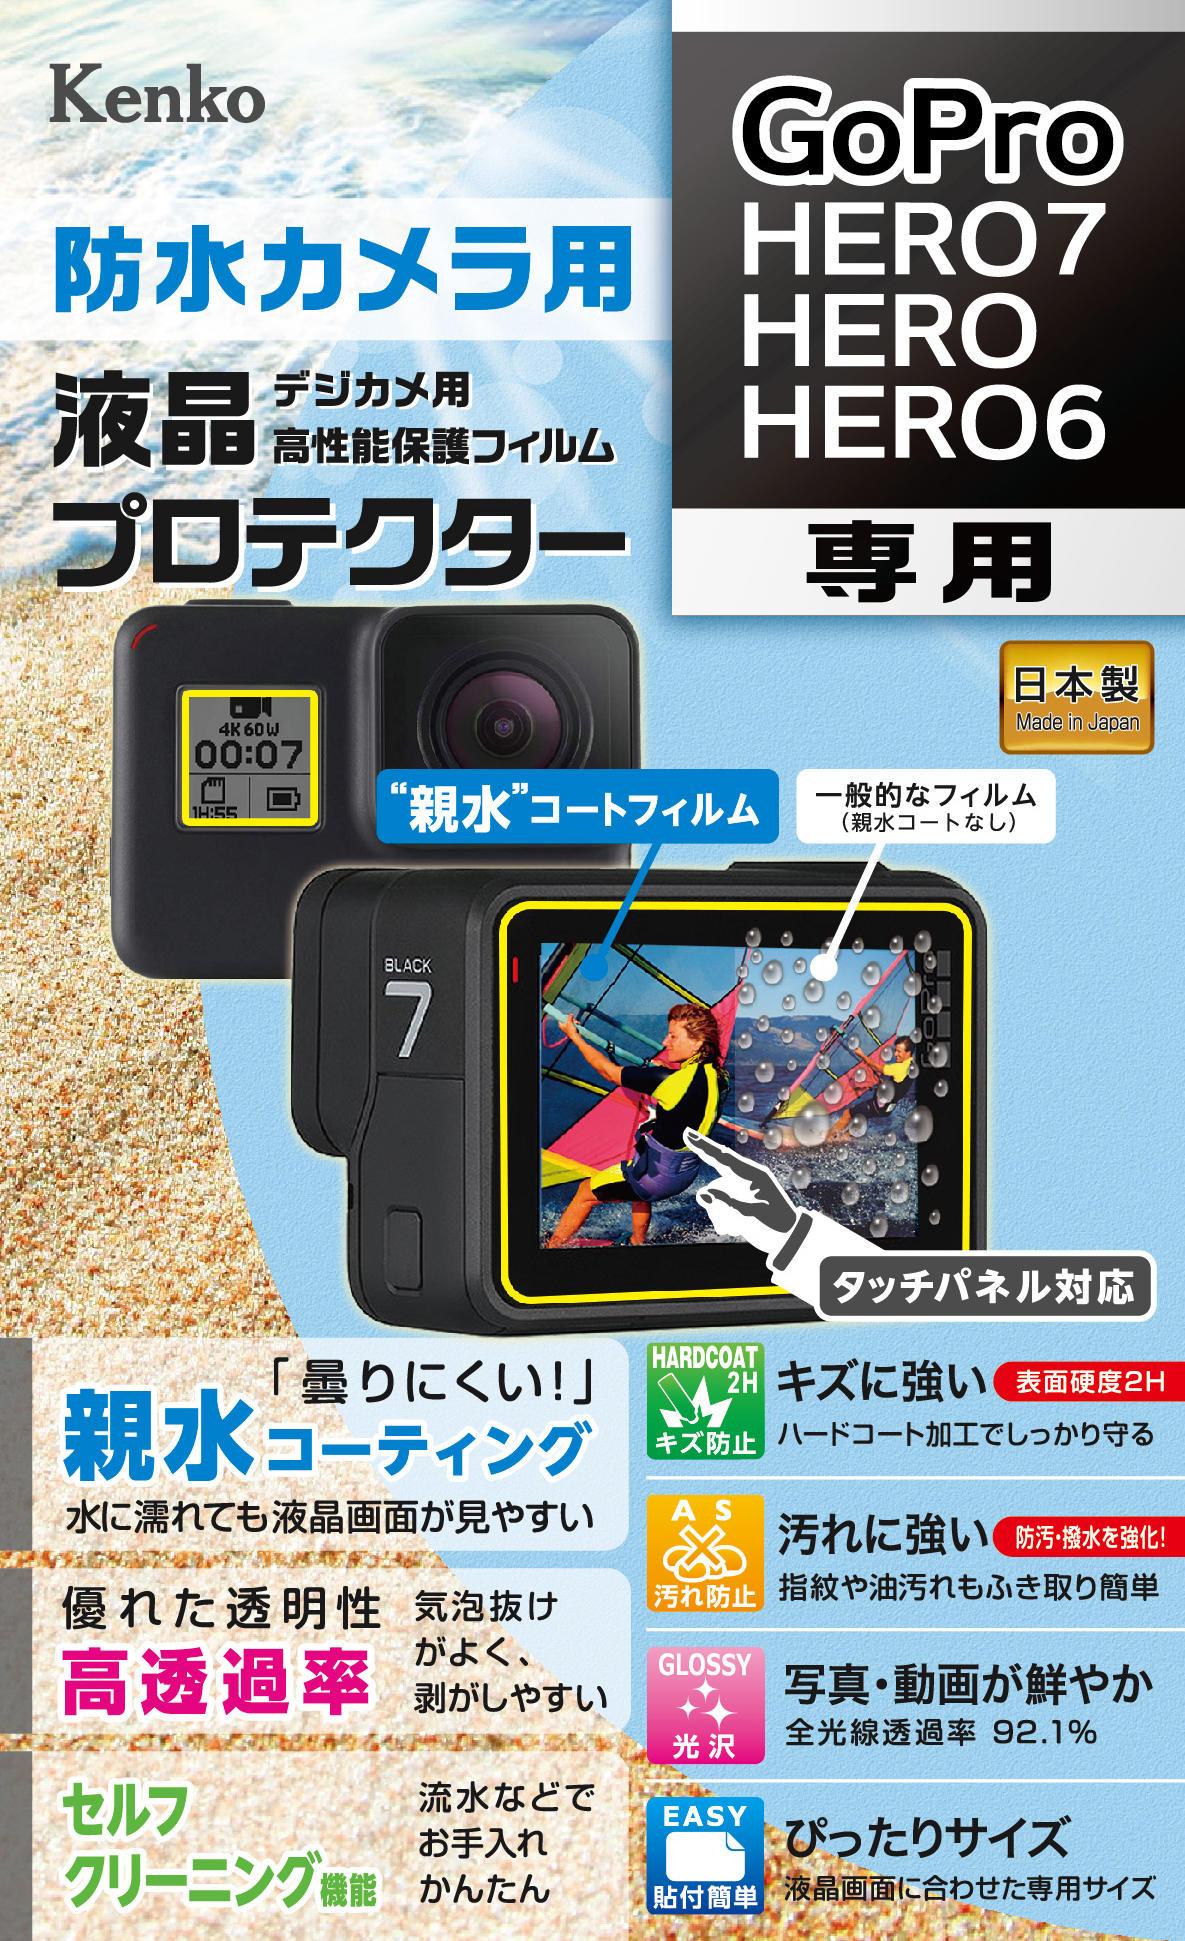 https://www.kenko-tokina.co.jp/imaging/eq/mt-images/4961607952702.jpg